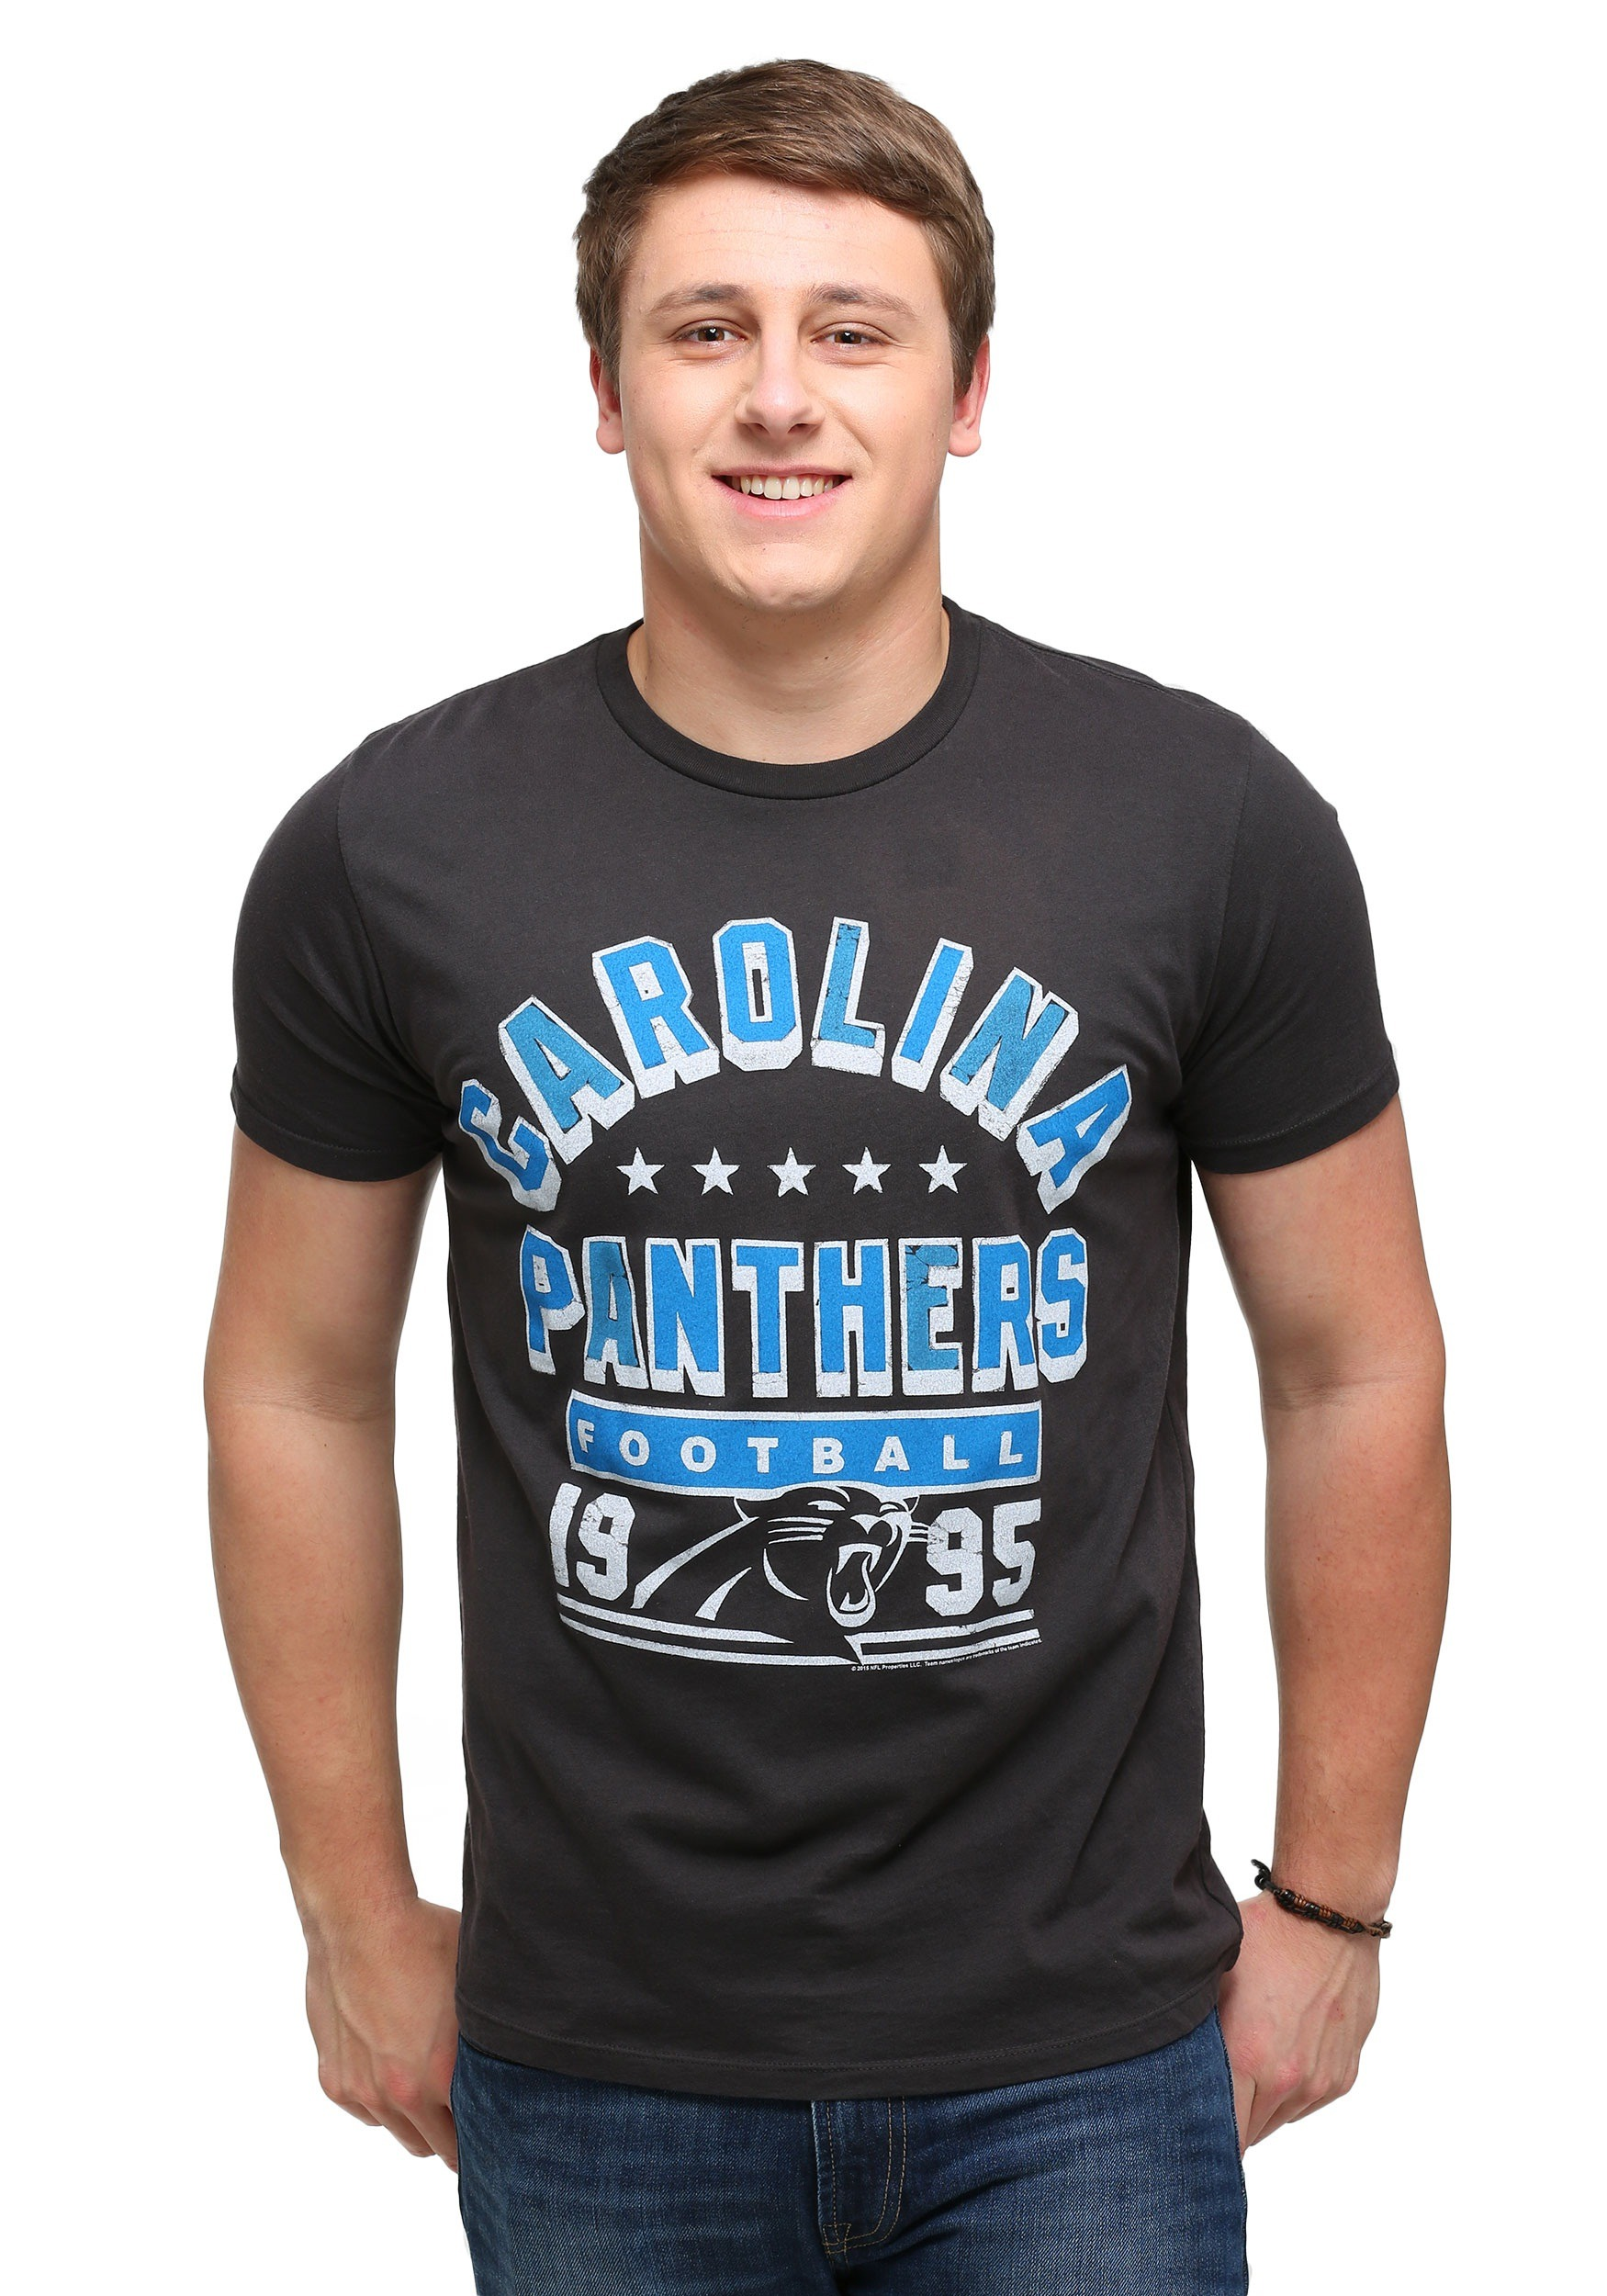 Men's Carolina Panthers Kickoff Crew T-Shirt JUN79887730